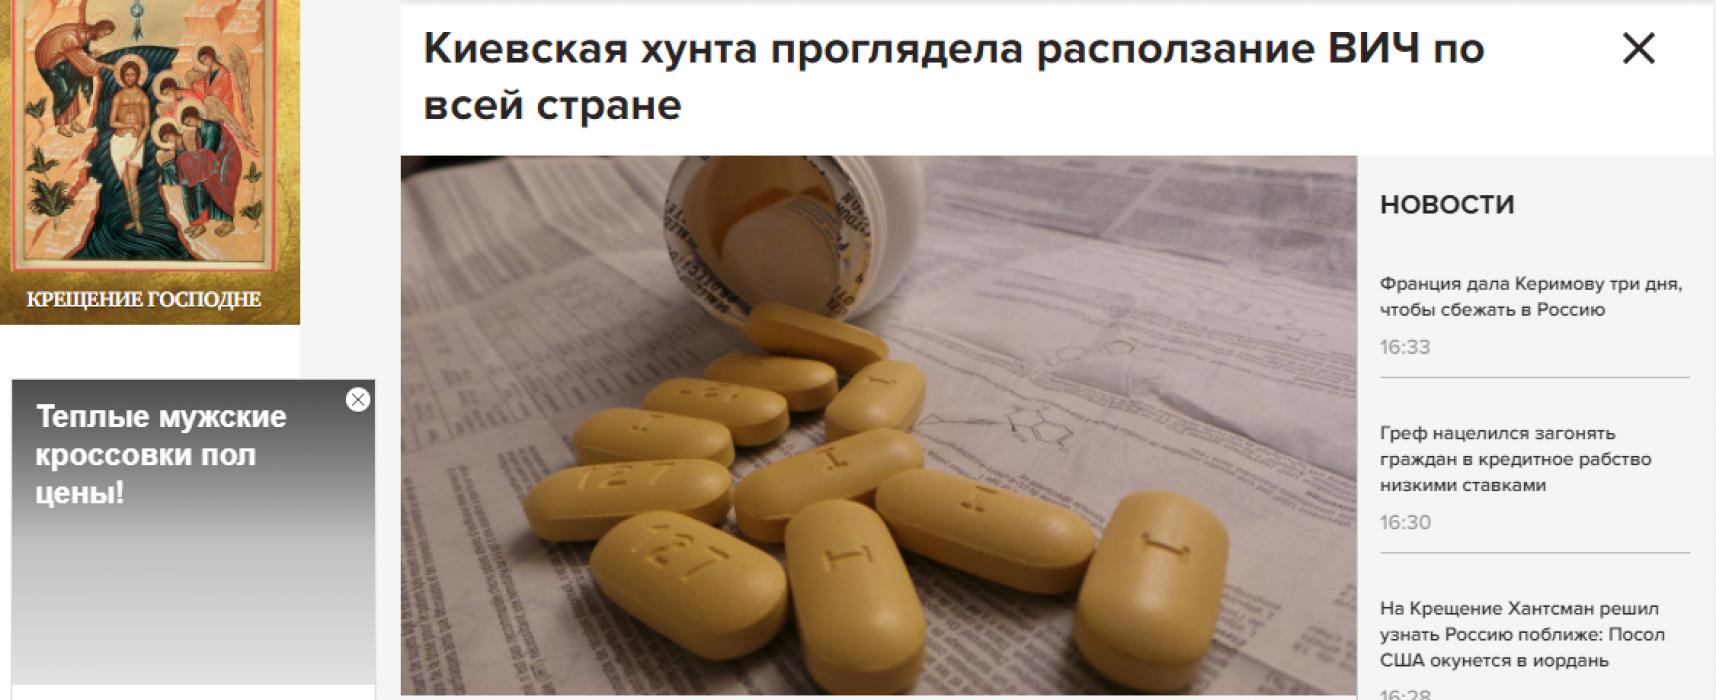 Fake: AIDS-Epidemie aus Donbas breitet sich in ganzer Ukraine aus